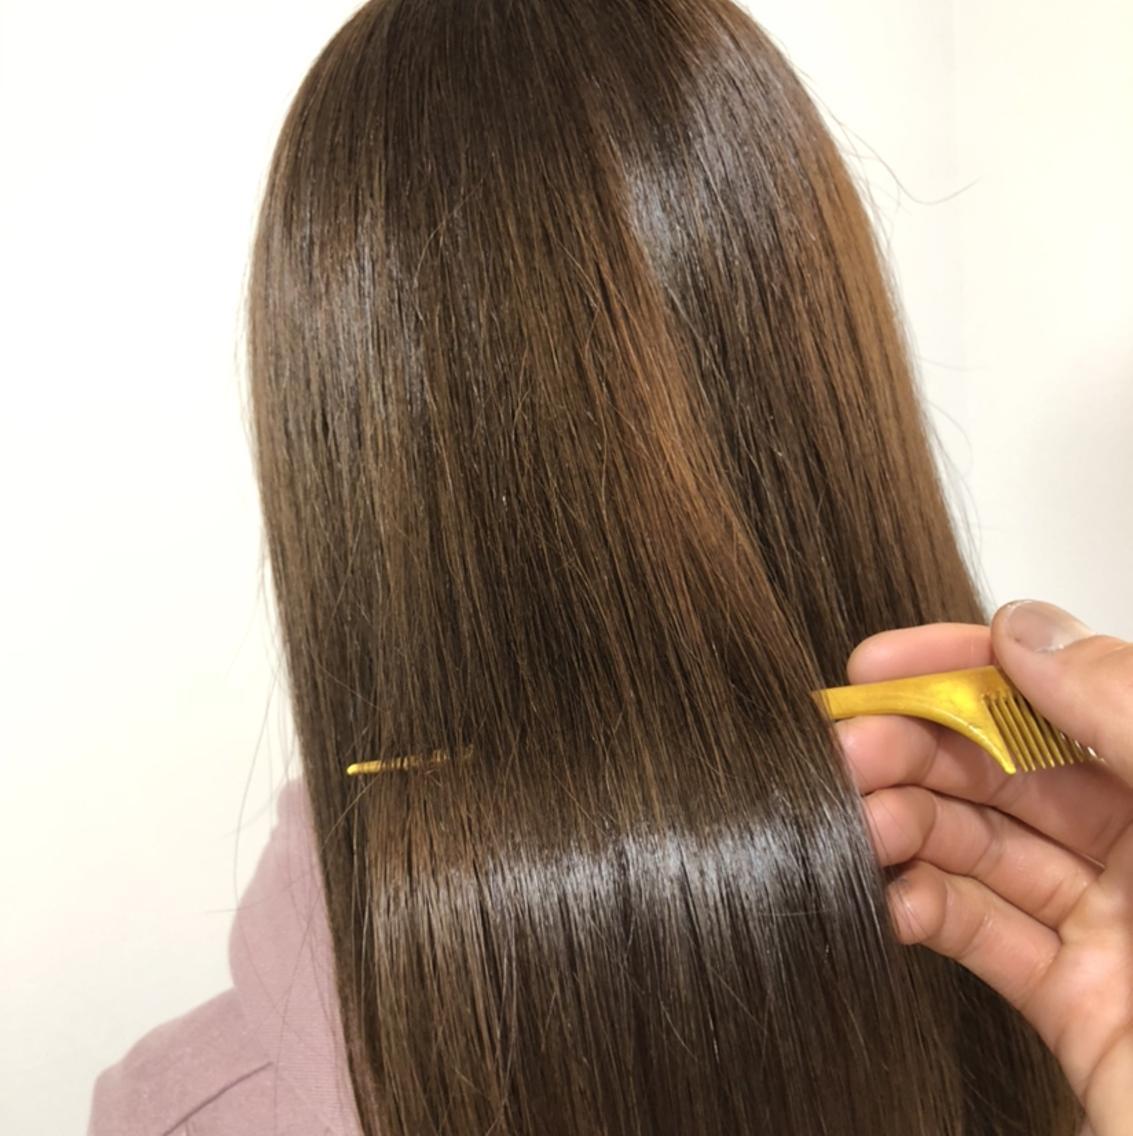 【髪質改善とヘッドスパ】FiiKA所属・薗部 創生の掲載